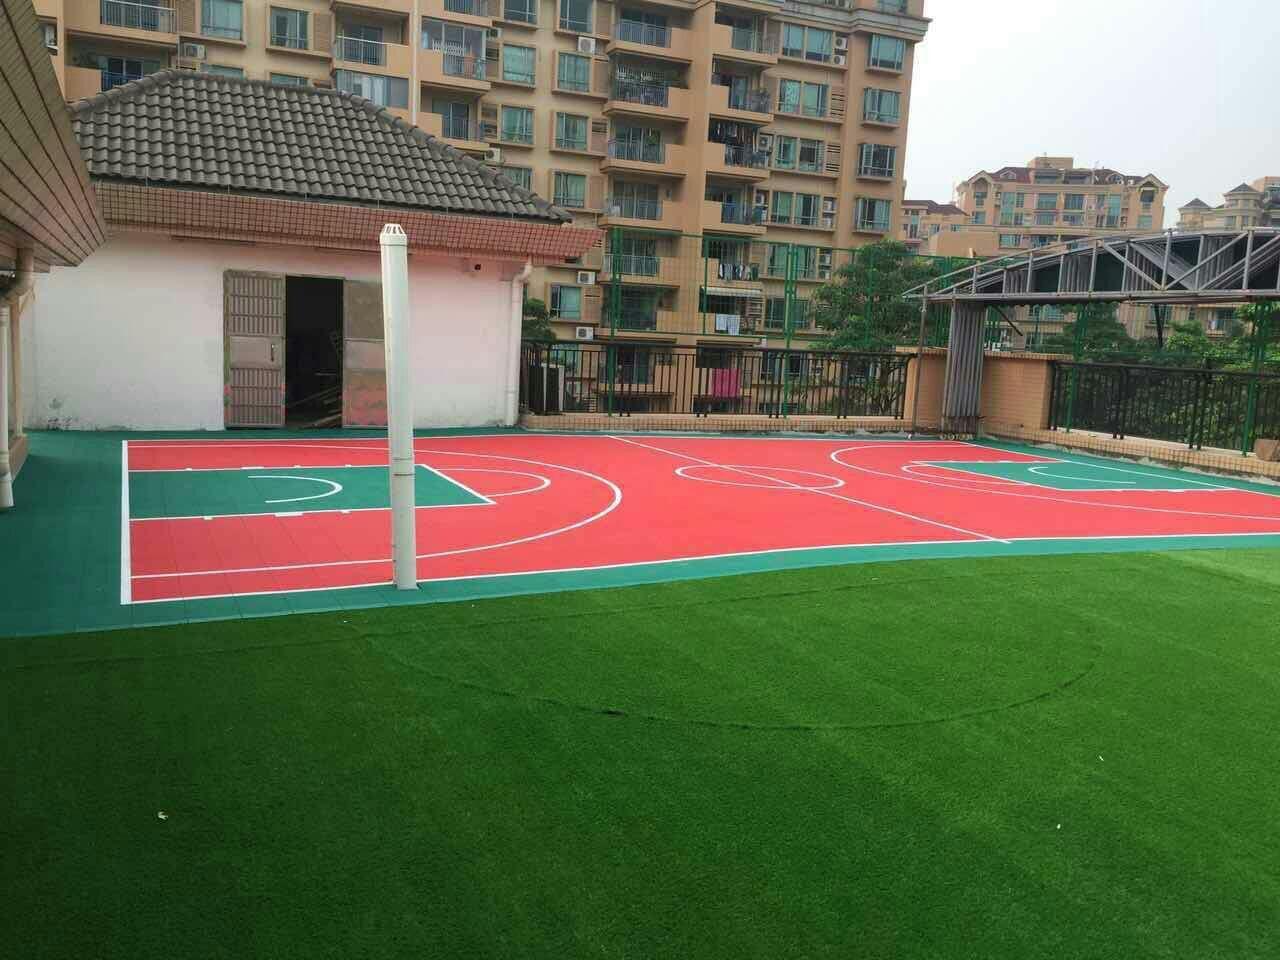 中山市小博士雍逸廷幼儿园屋面人造草坪足球场、拼装地板篮球场